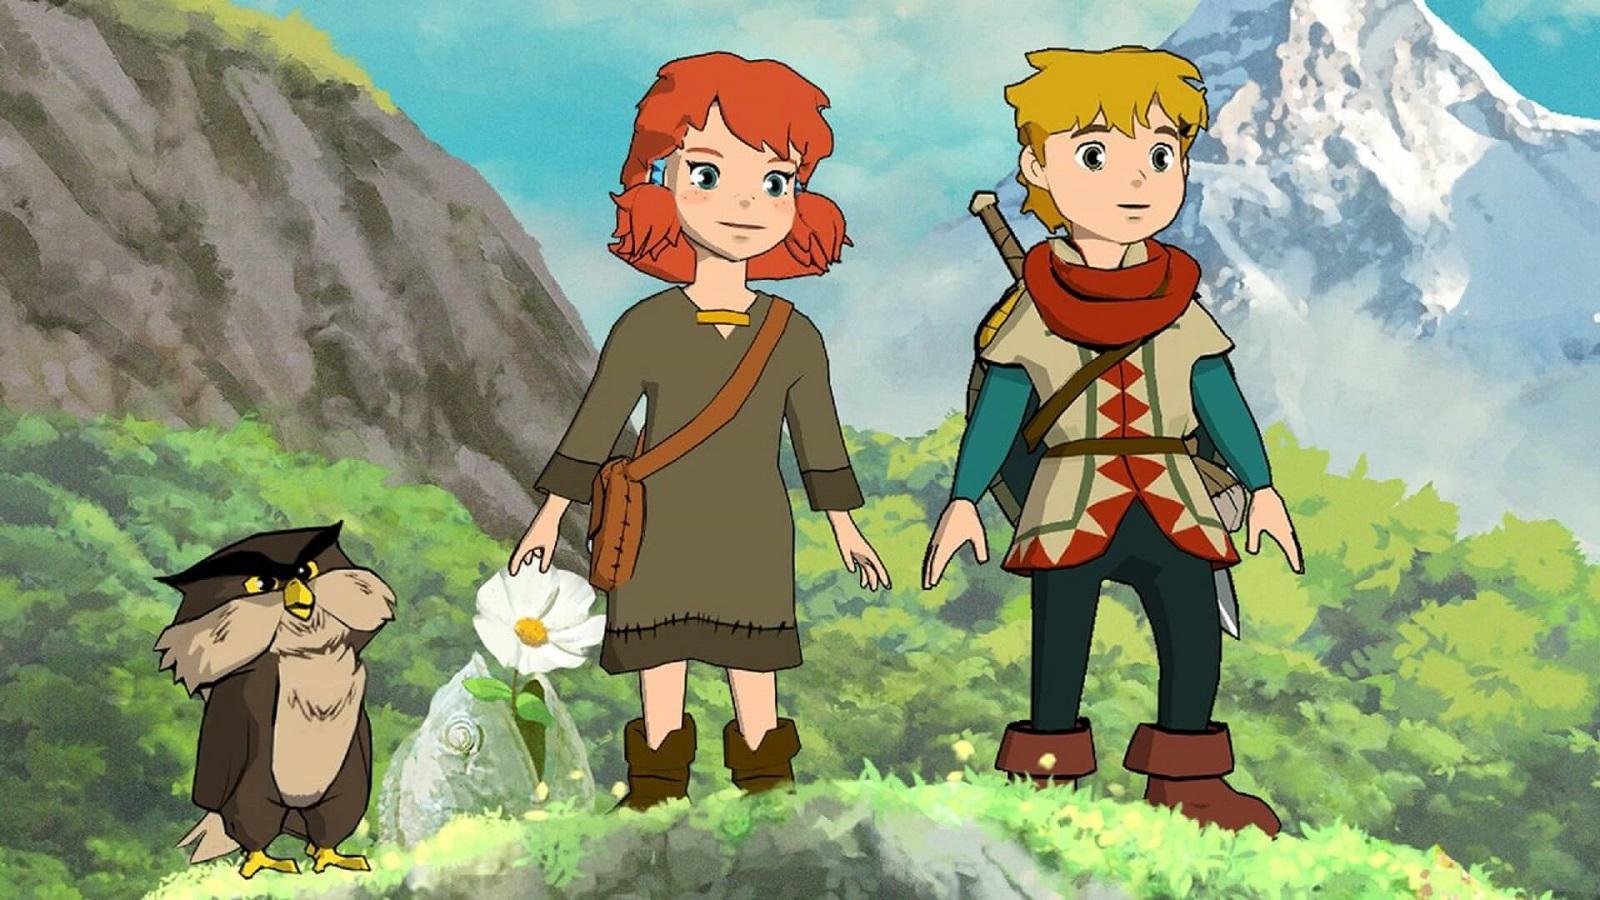 Приключенческий экшен Baldo: The Guardian Owls в стиле мультфильмов Ghibli получил 13-минутный геймплейный ролик